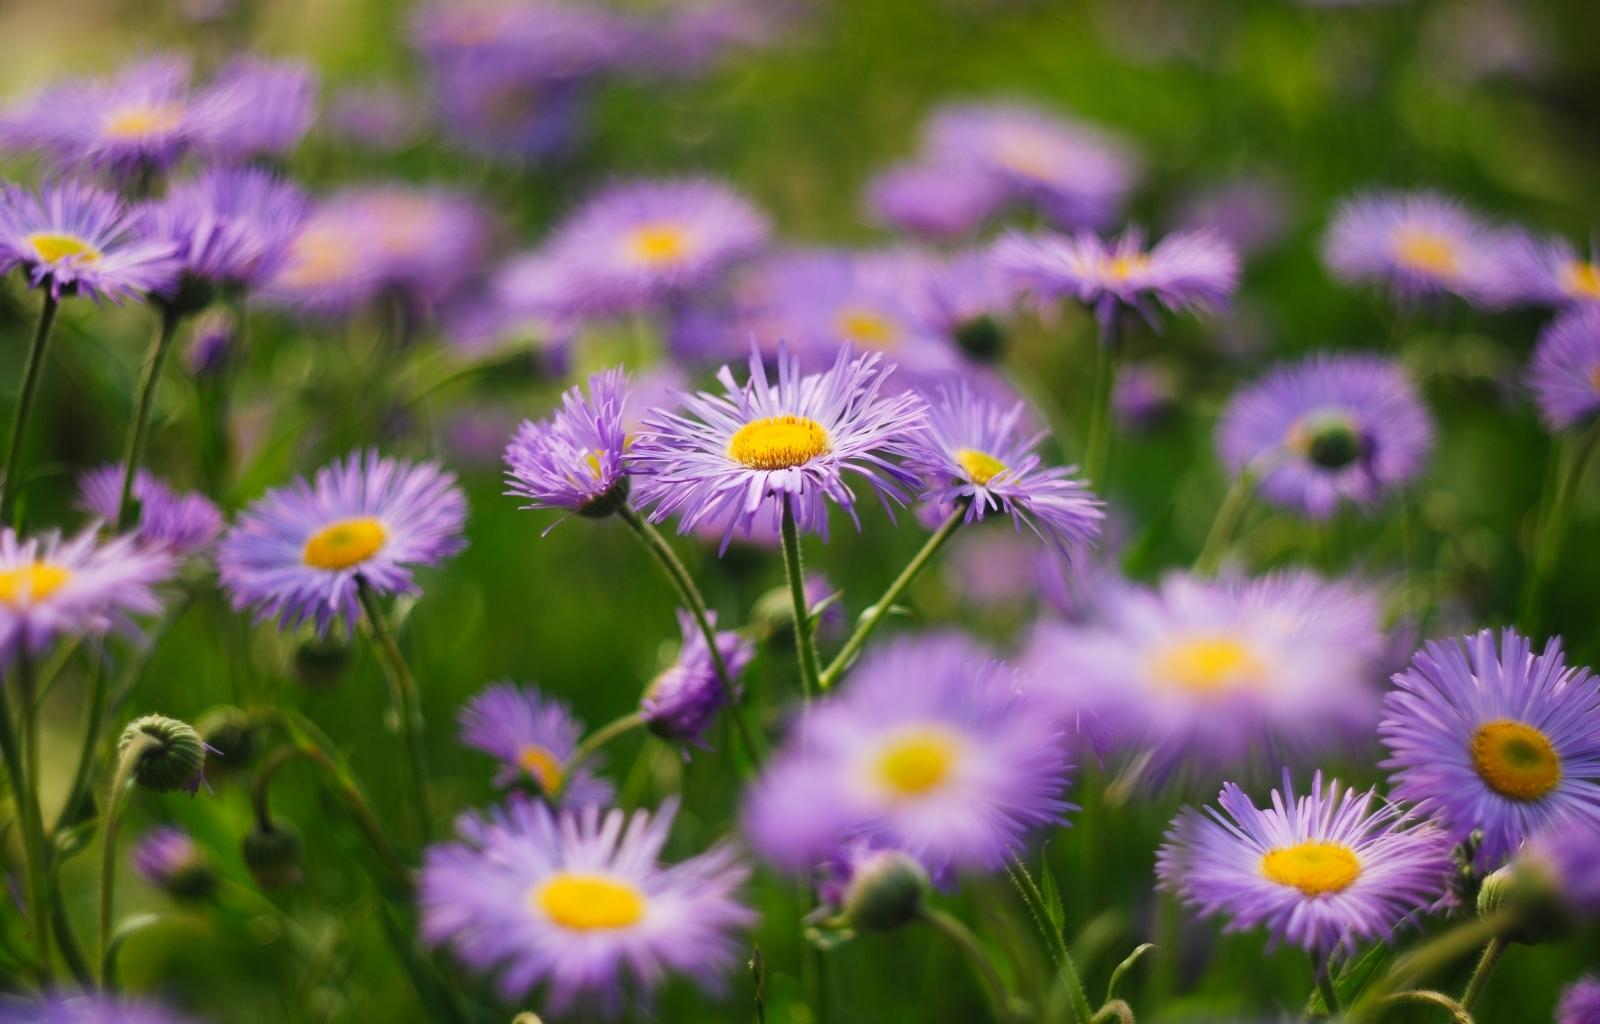 26123 скачать обои Растения, Цветы - заставки и картинки бесплатно